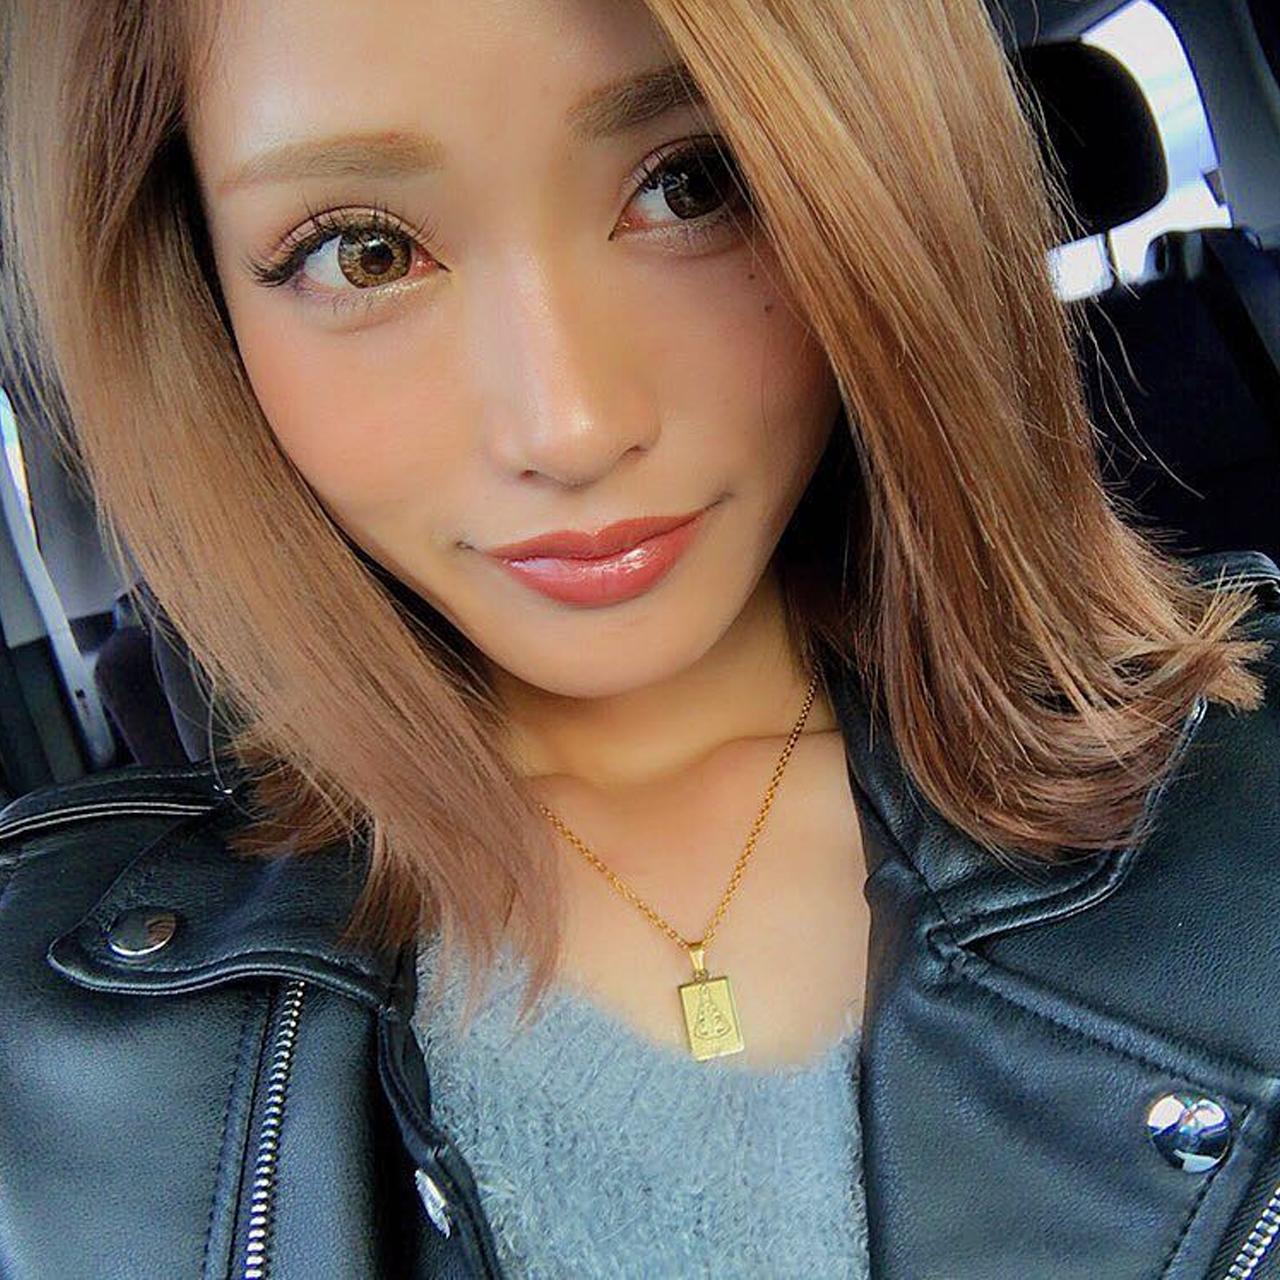 ☆ボックスネックレスARC/ゴールド☆インスタグラマーさんご紹介♡